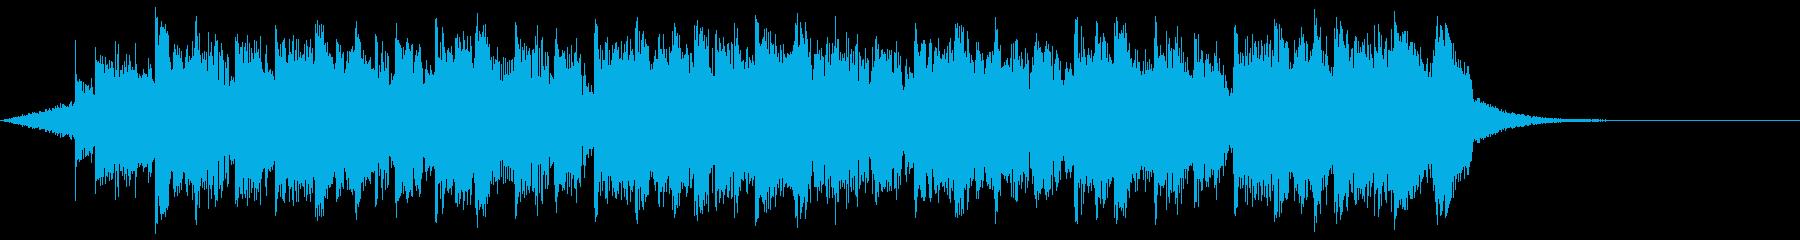 インチのゲームの再生済みの波形